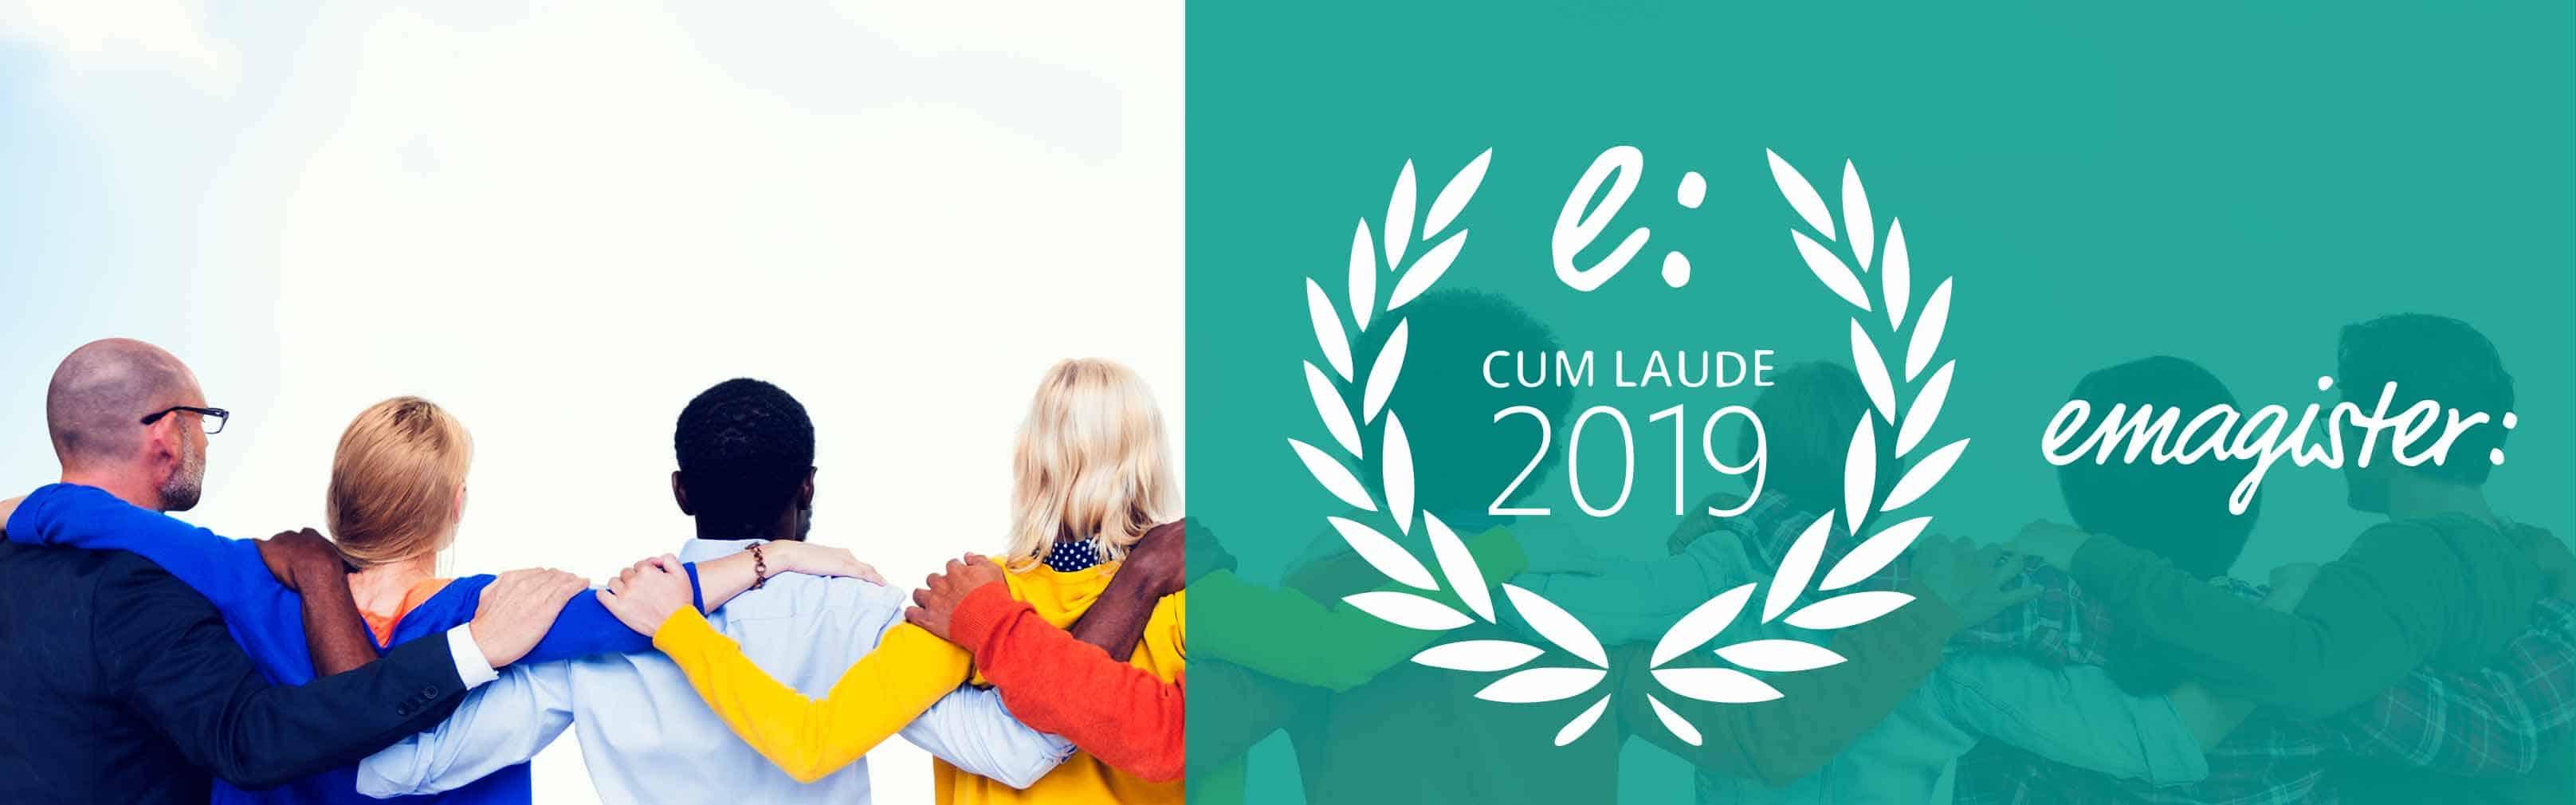 La escuela de turismo y gastronomía de los Pirineos ha recibido el Sello Cum laude gracia a las opiniones positivas de sus alumnos